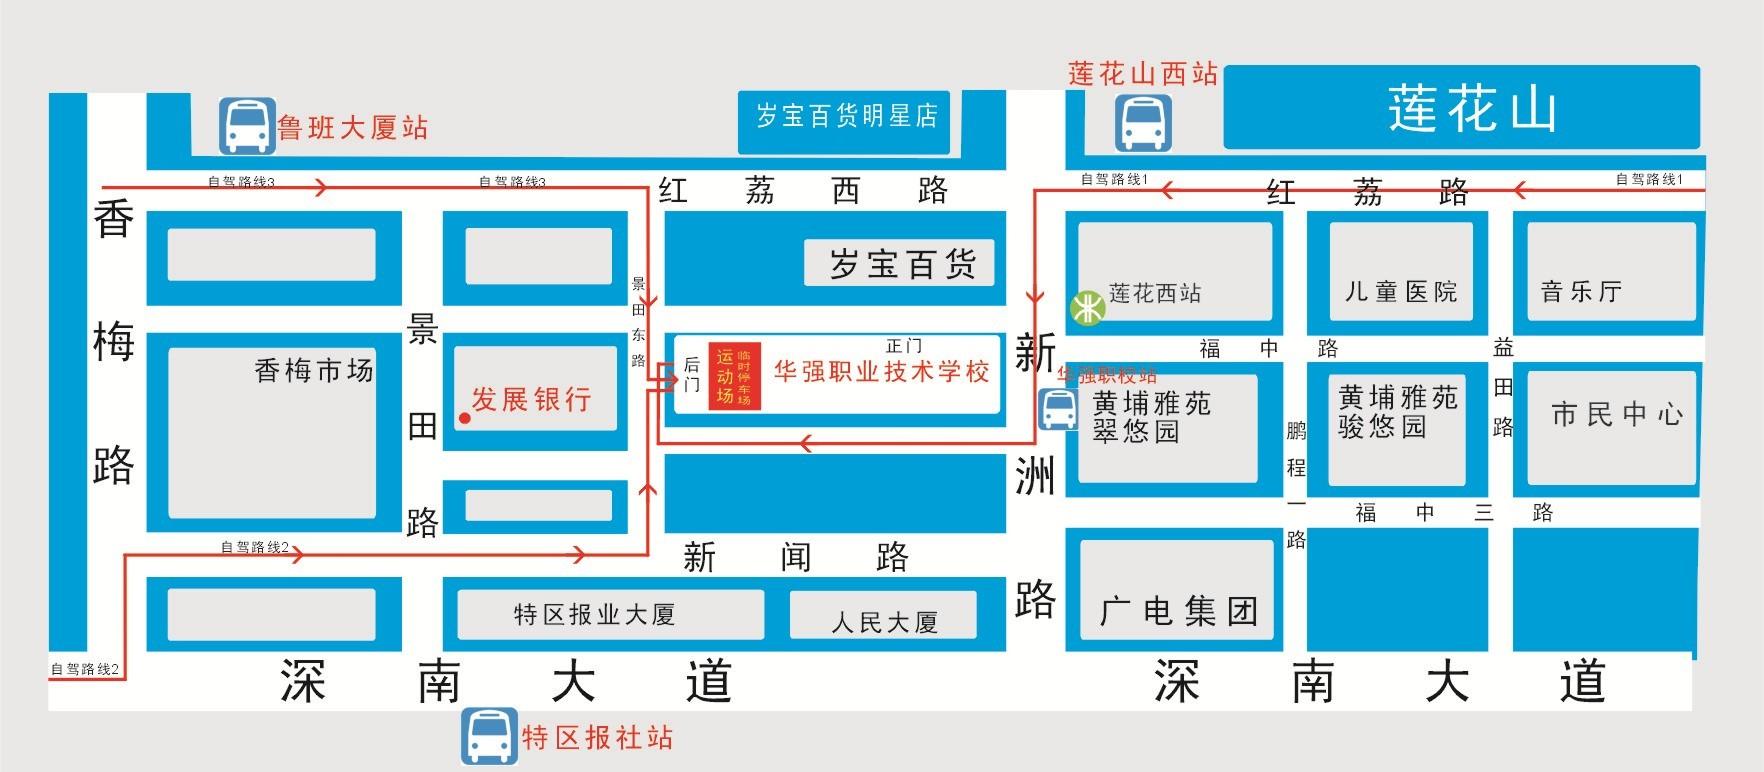 经过  鲁班大厦 的公交线路:深圳25路 [ 火车站 - 桃源